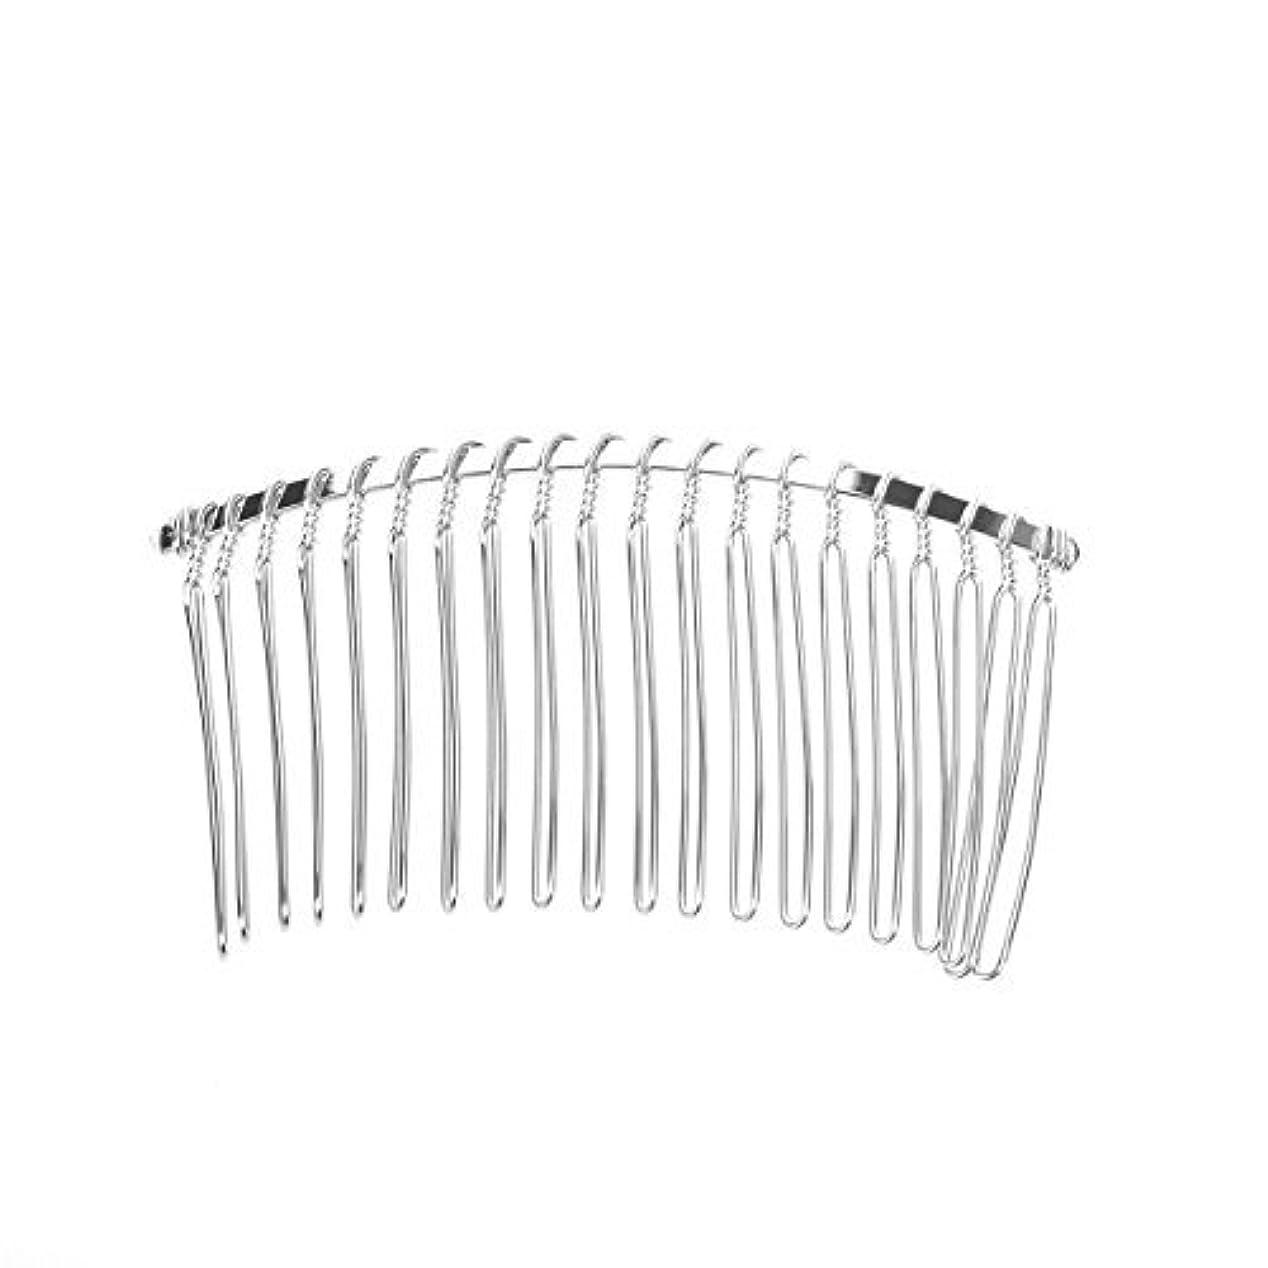 オールガウン非難Pixnor 7.8cm 20 Teeth Fancy DIY Metal Wire Hair Clip Comb Bridal Wedding Veil Comb (Silver) [並行輸入品]